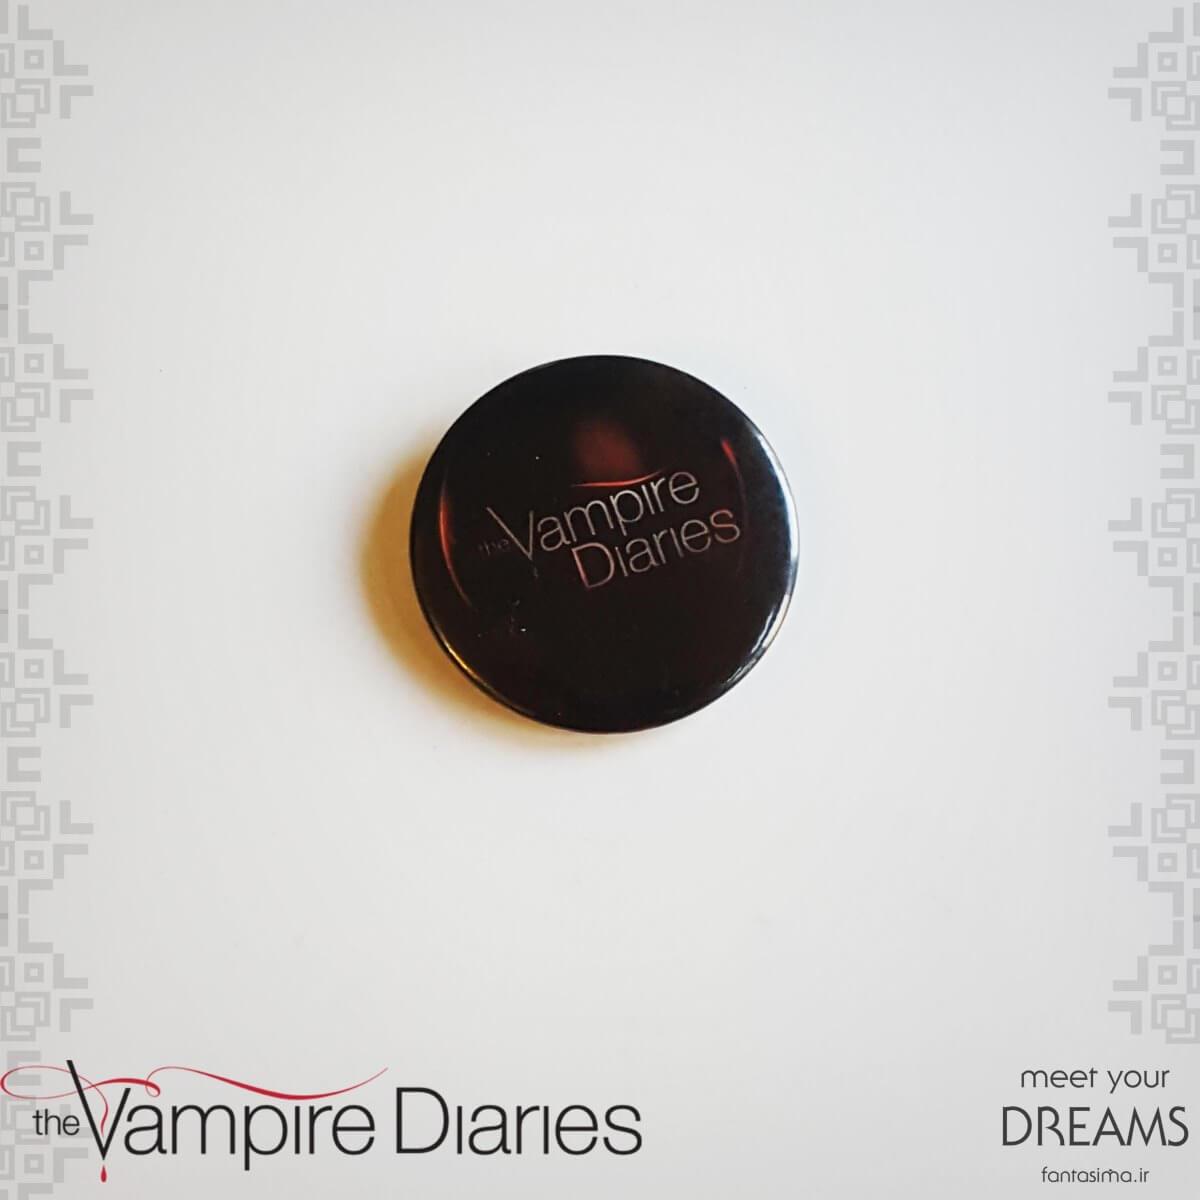 پیکسل فلزی vampire diares